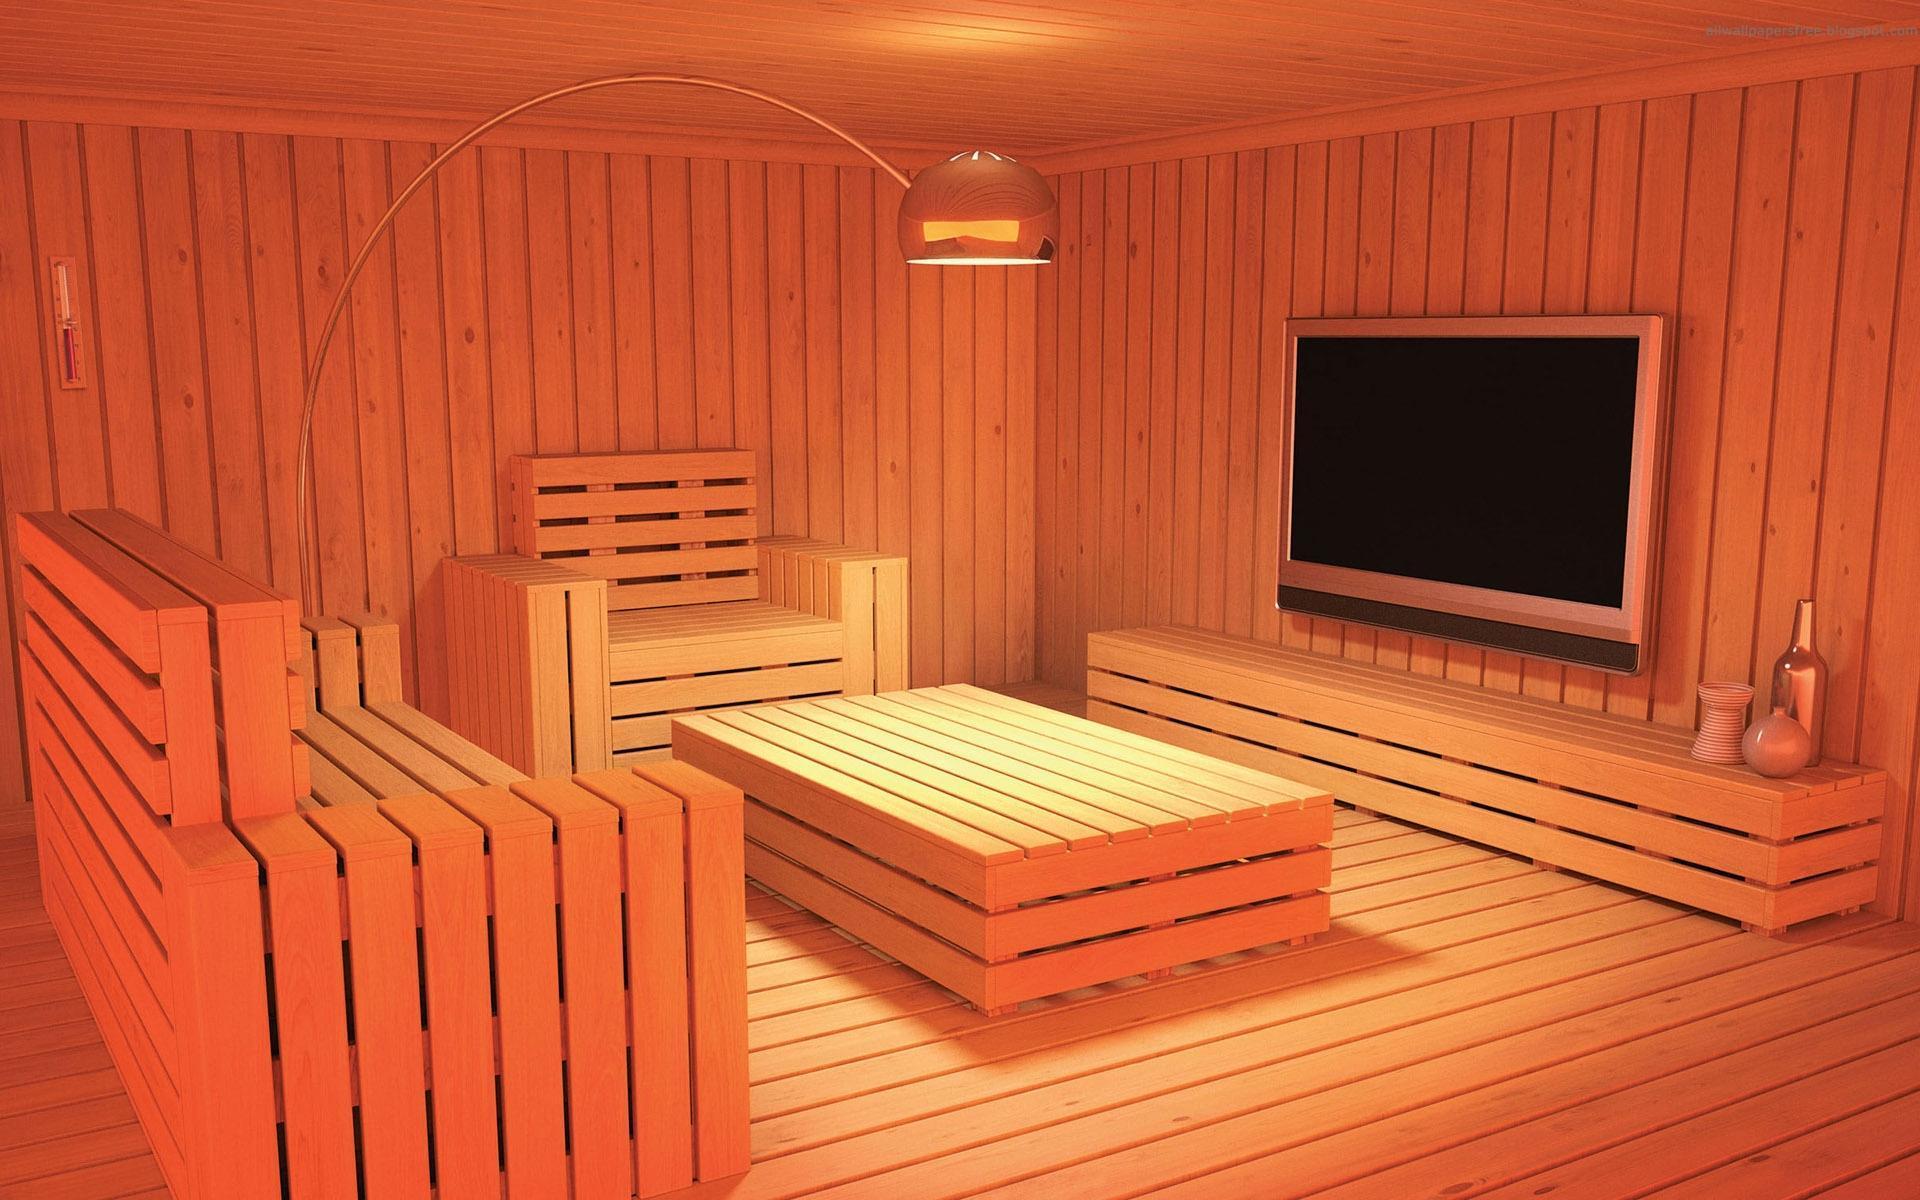 Unusual Wooden Living Room - Wooden Room , HD Wallpaper & Backgrounds